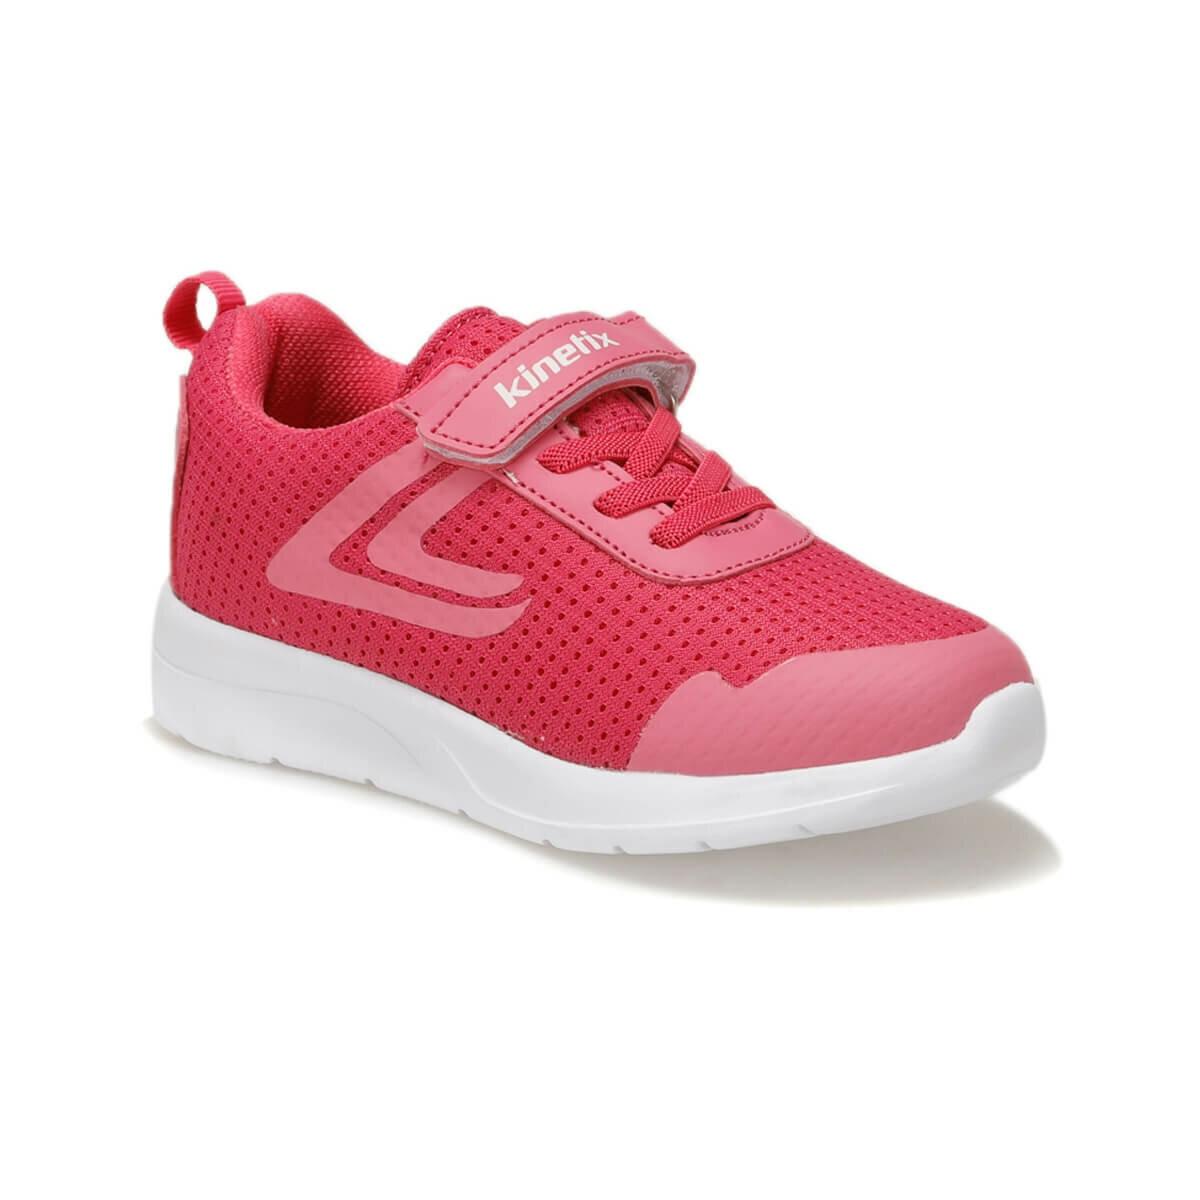 FLO BLANG Fuchsia Girl Boy Walking Shoes KINETIX